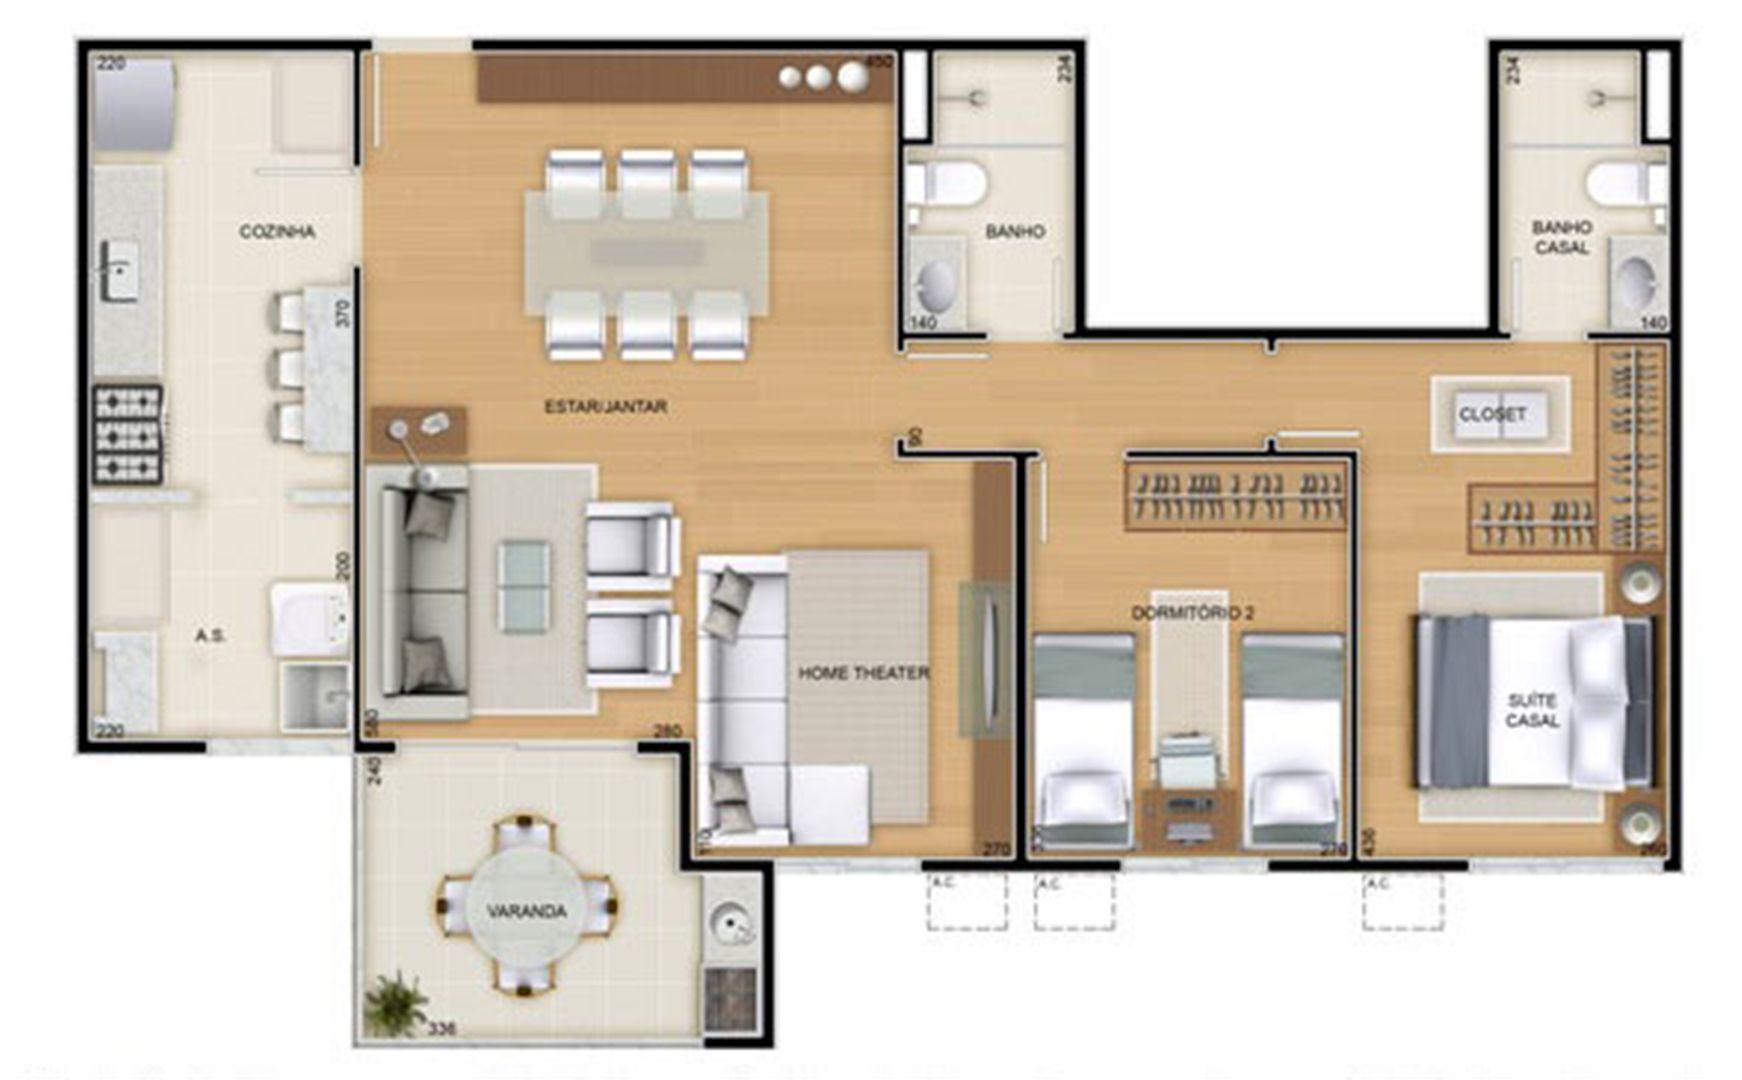 Torres 2 e 3 - 3 Quartos - 90 m² - Planta opção - 2 quartos e sala ampliada | Reserva Verde Residencial Park – Apartamento em  Laranjeiras - Serra - Espírito Santo